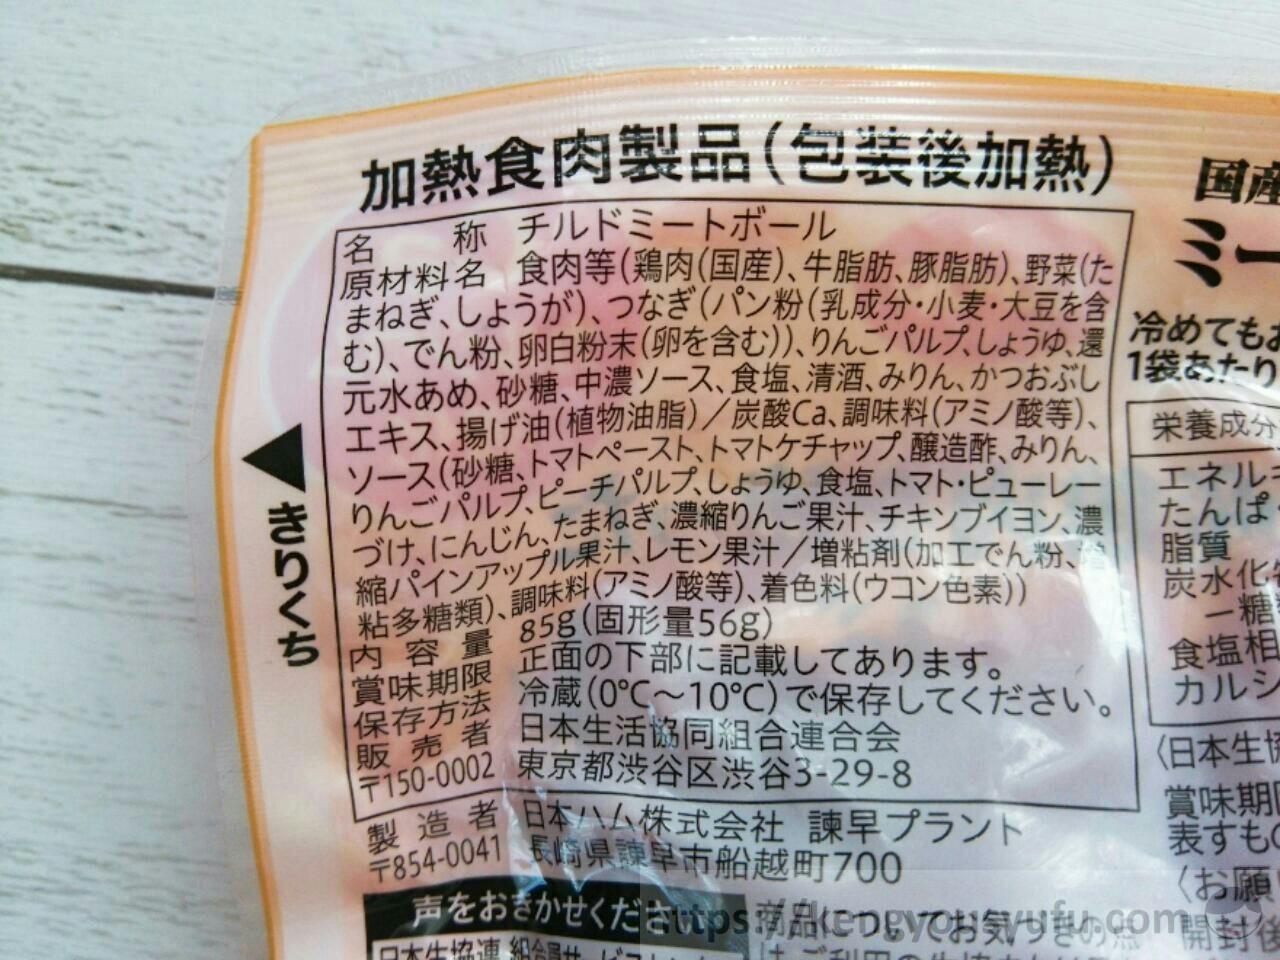 食材宅配コープデリの国産鶏肉を使ったミートボール